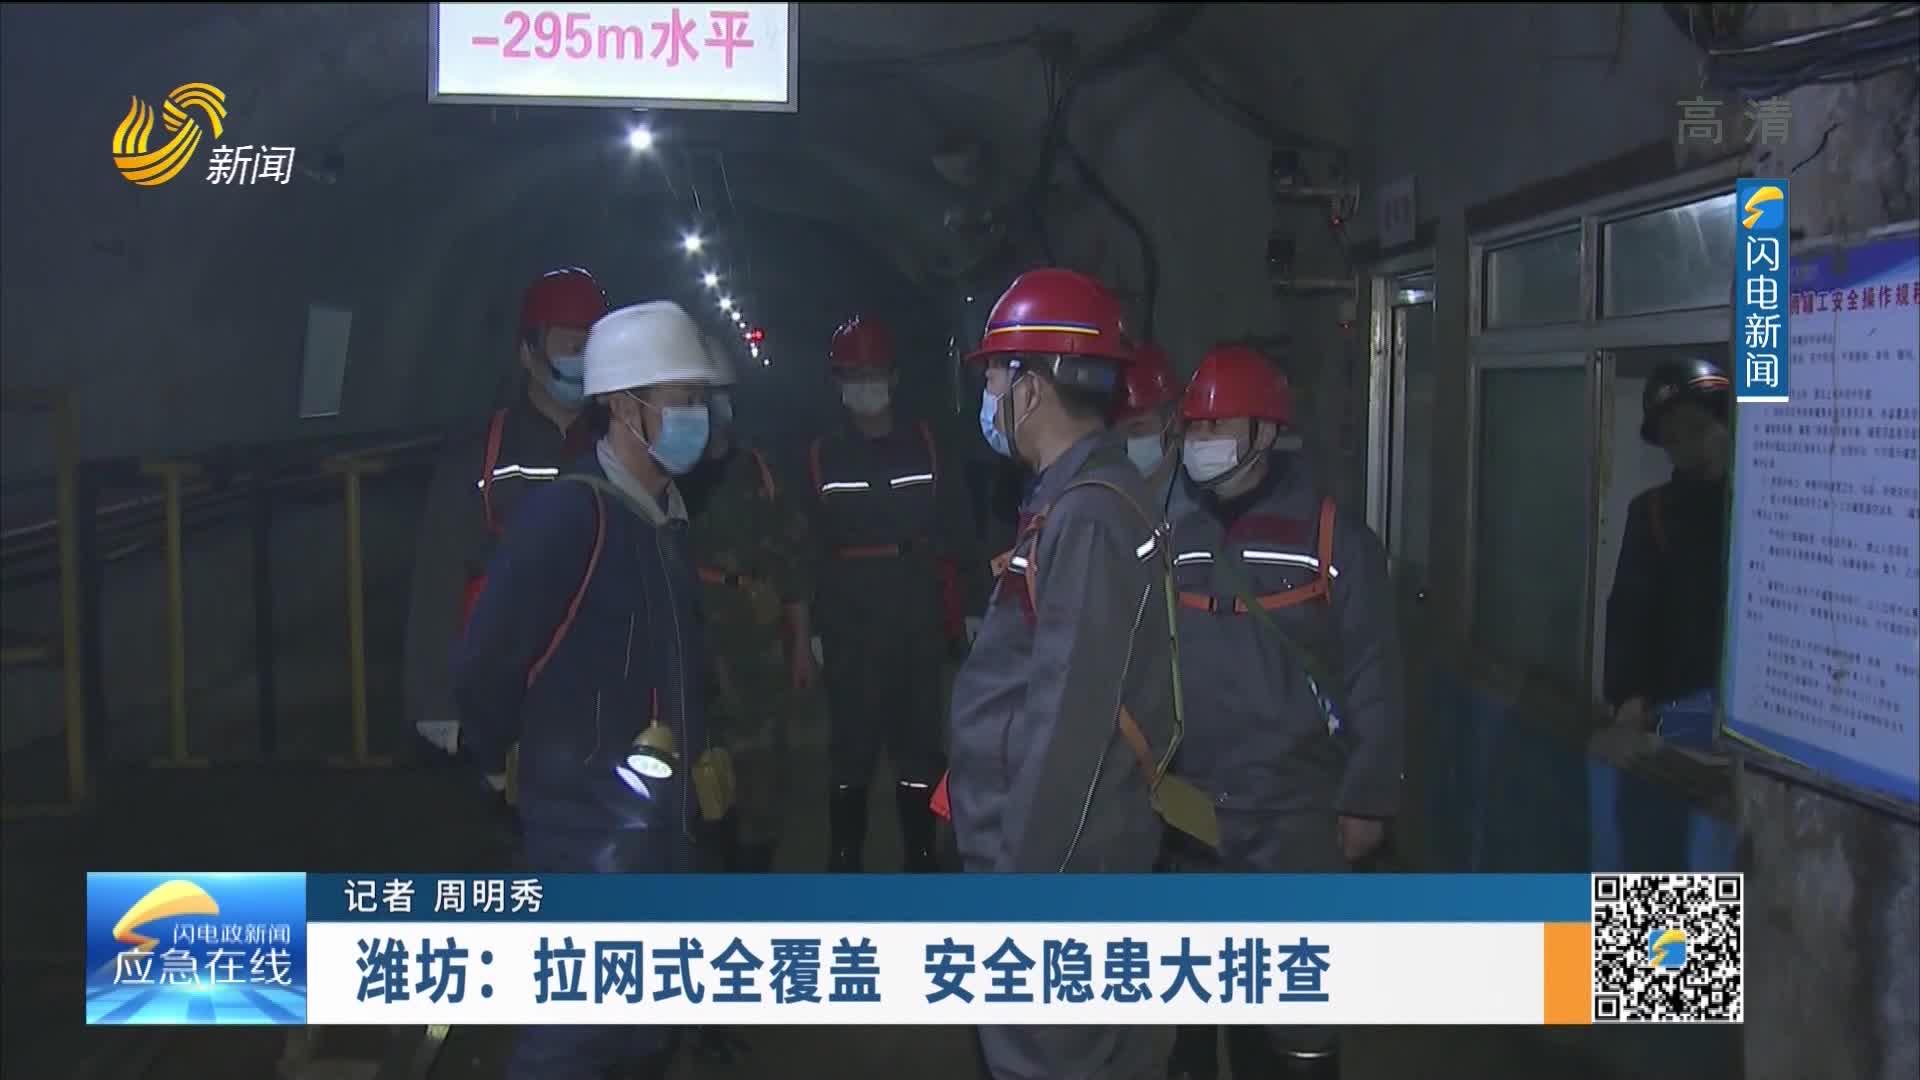 20210131《应急在线》:潍坊——拉网式全覆盖 安全隐患大排查